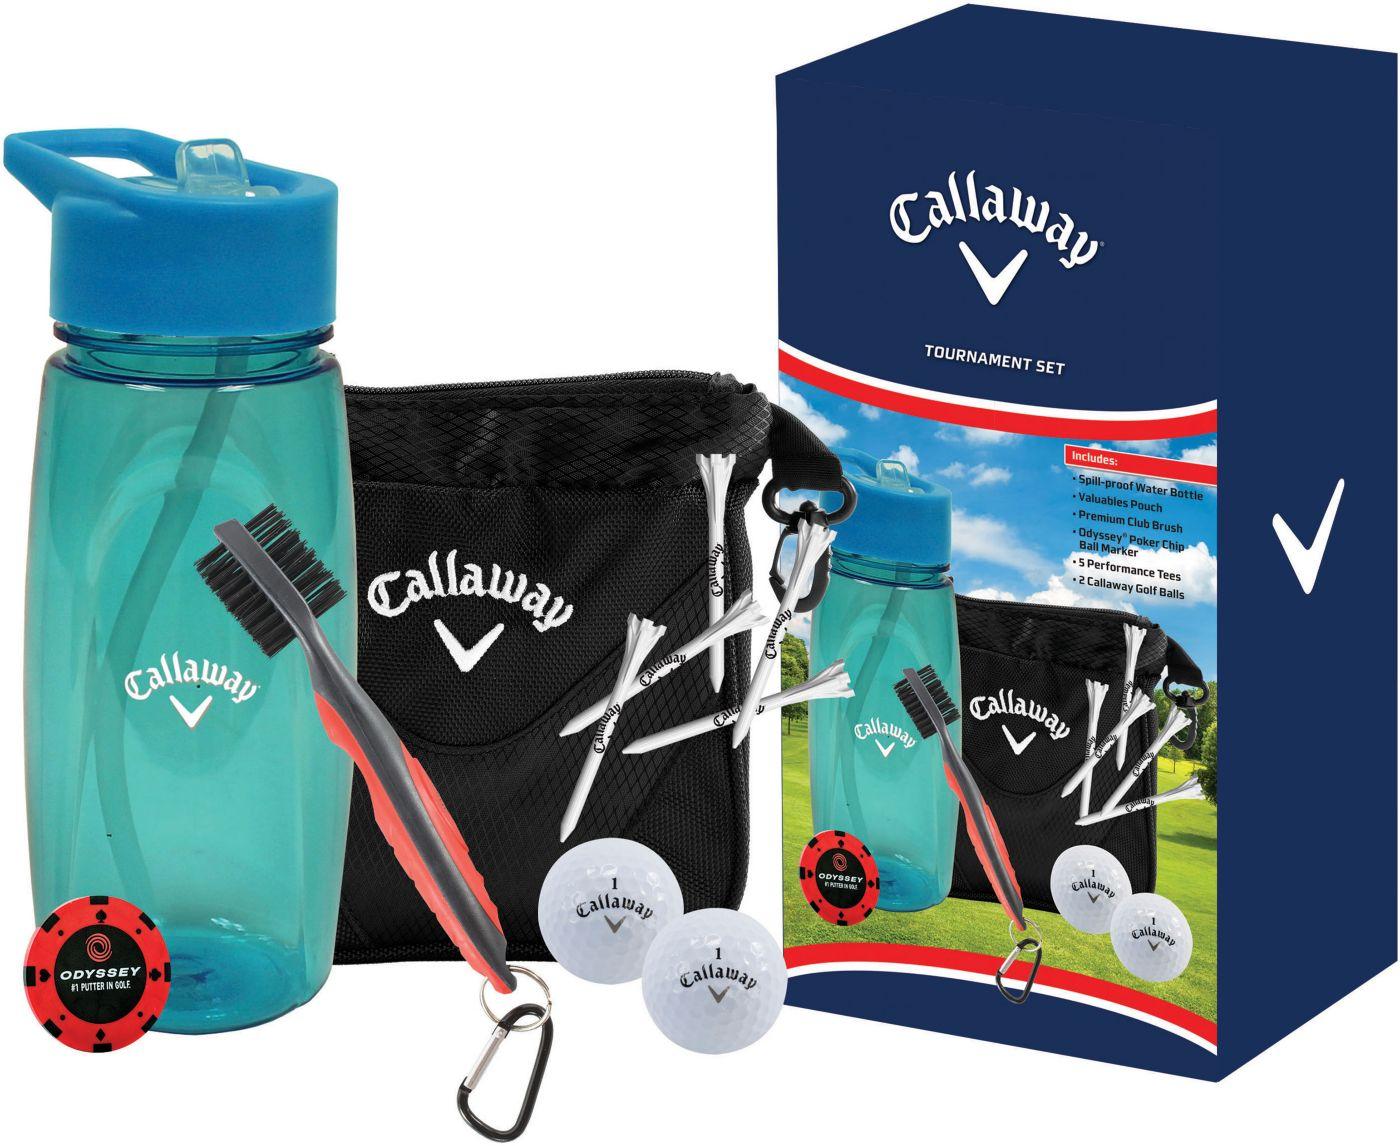 Callaway Tournament Golf Gift Set